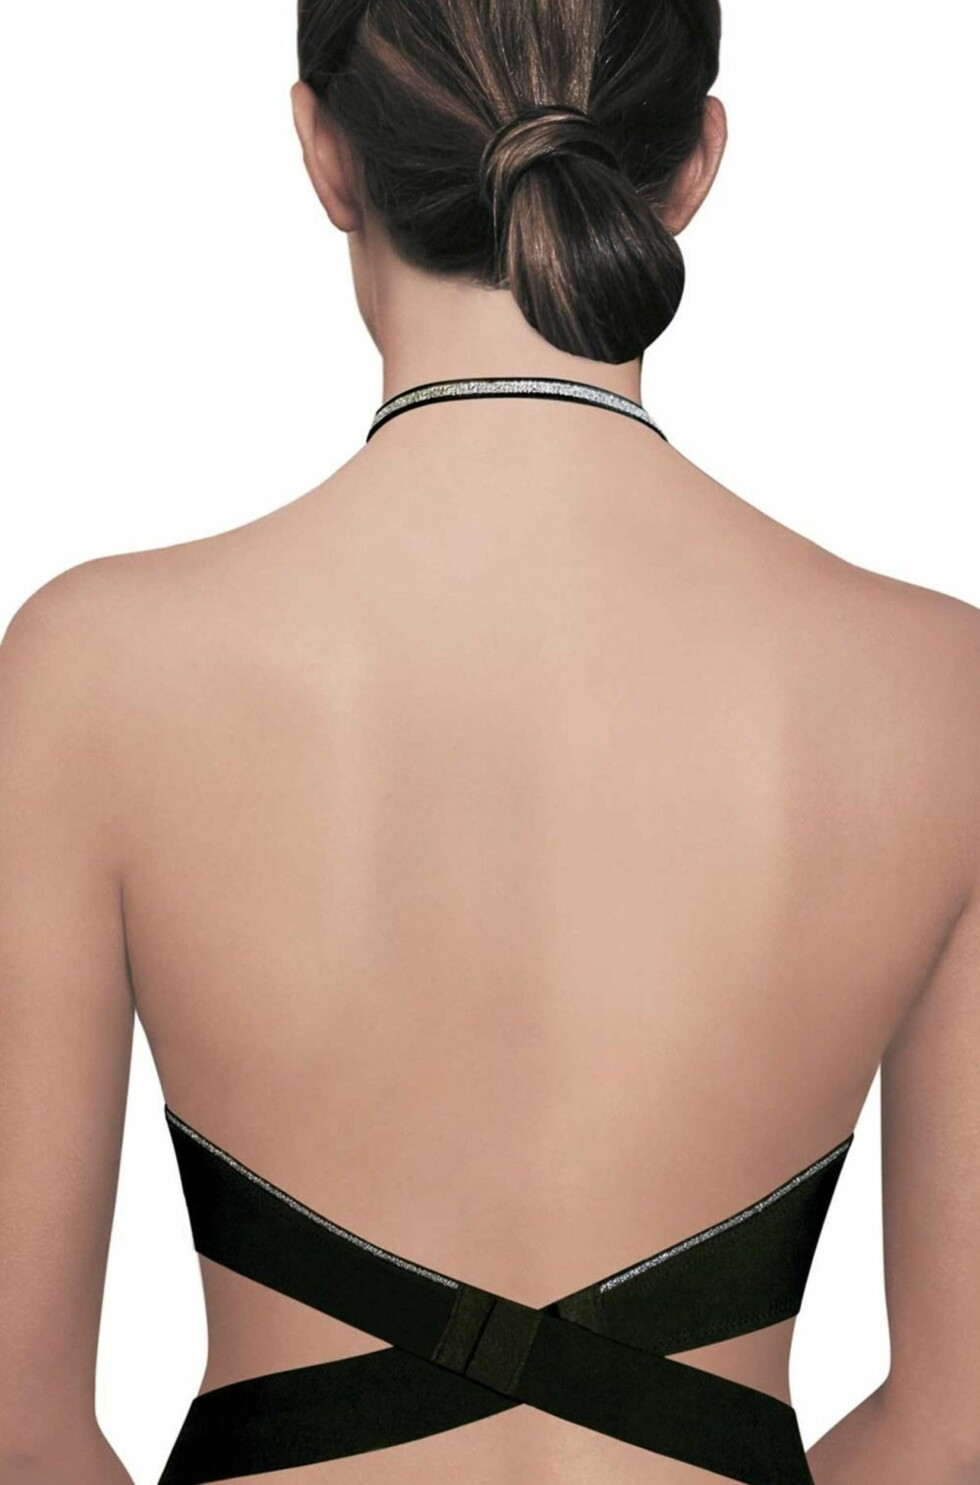 Bh som passer perfekt under plagg med åpen rygg (kr 400, underverker.no). Foto: Produsenten